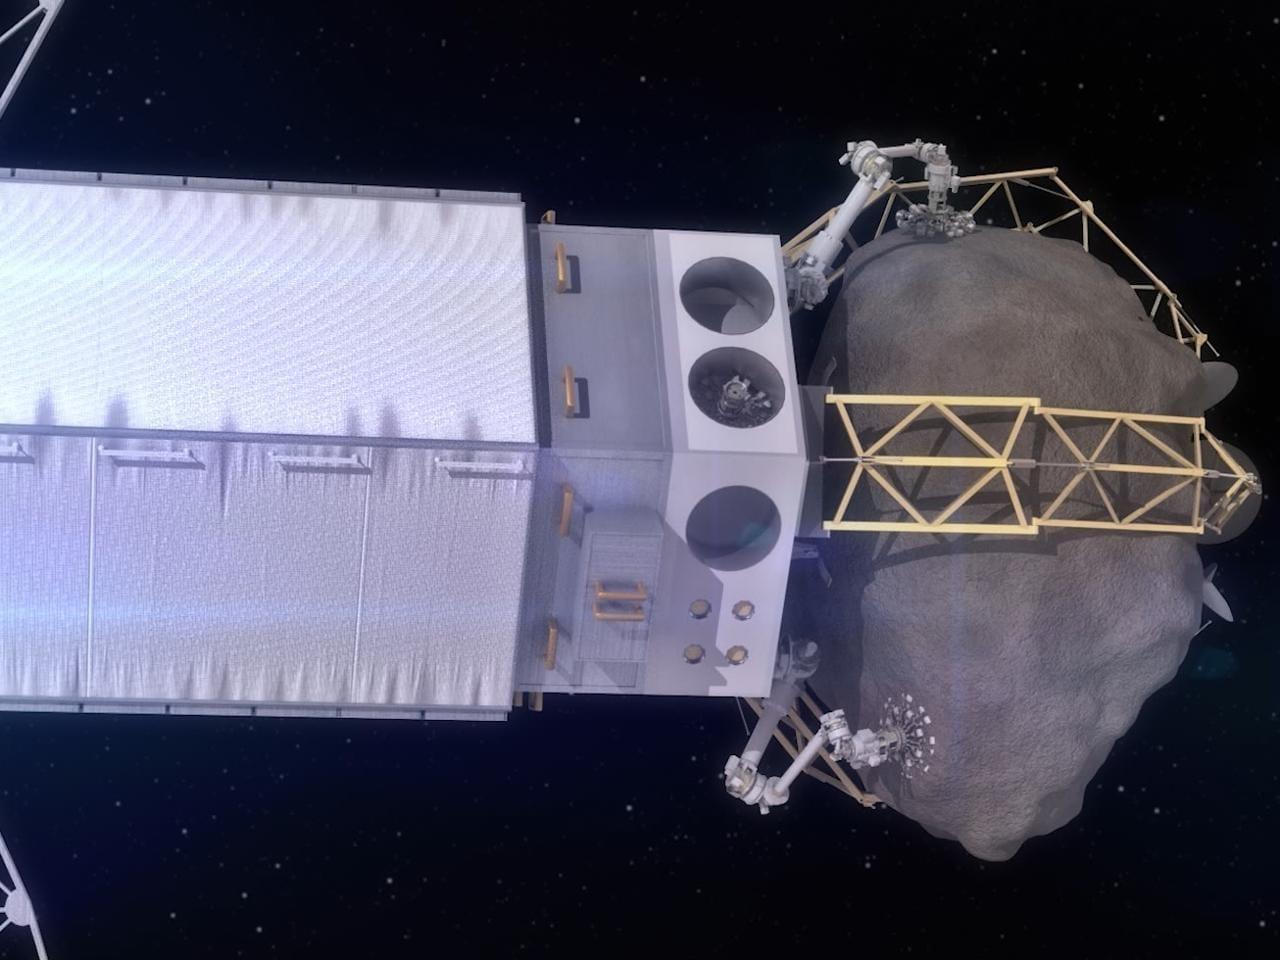 Spazio: Valsecchi (Iaps), nessuno schianto di asteroide in vista